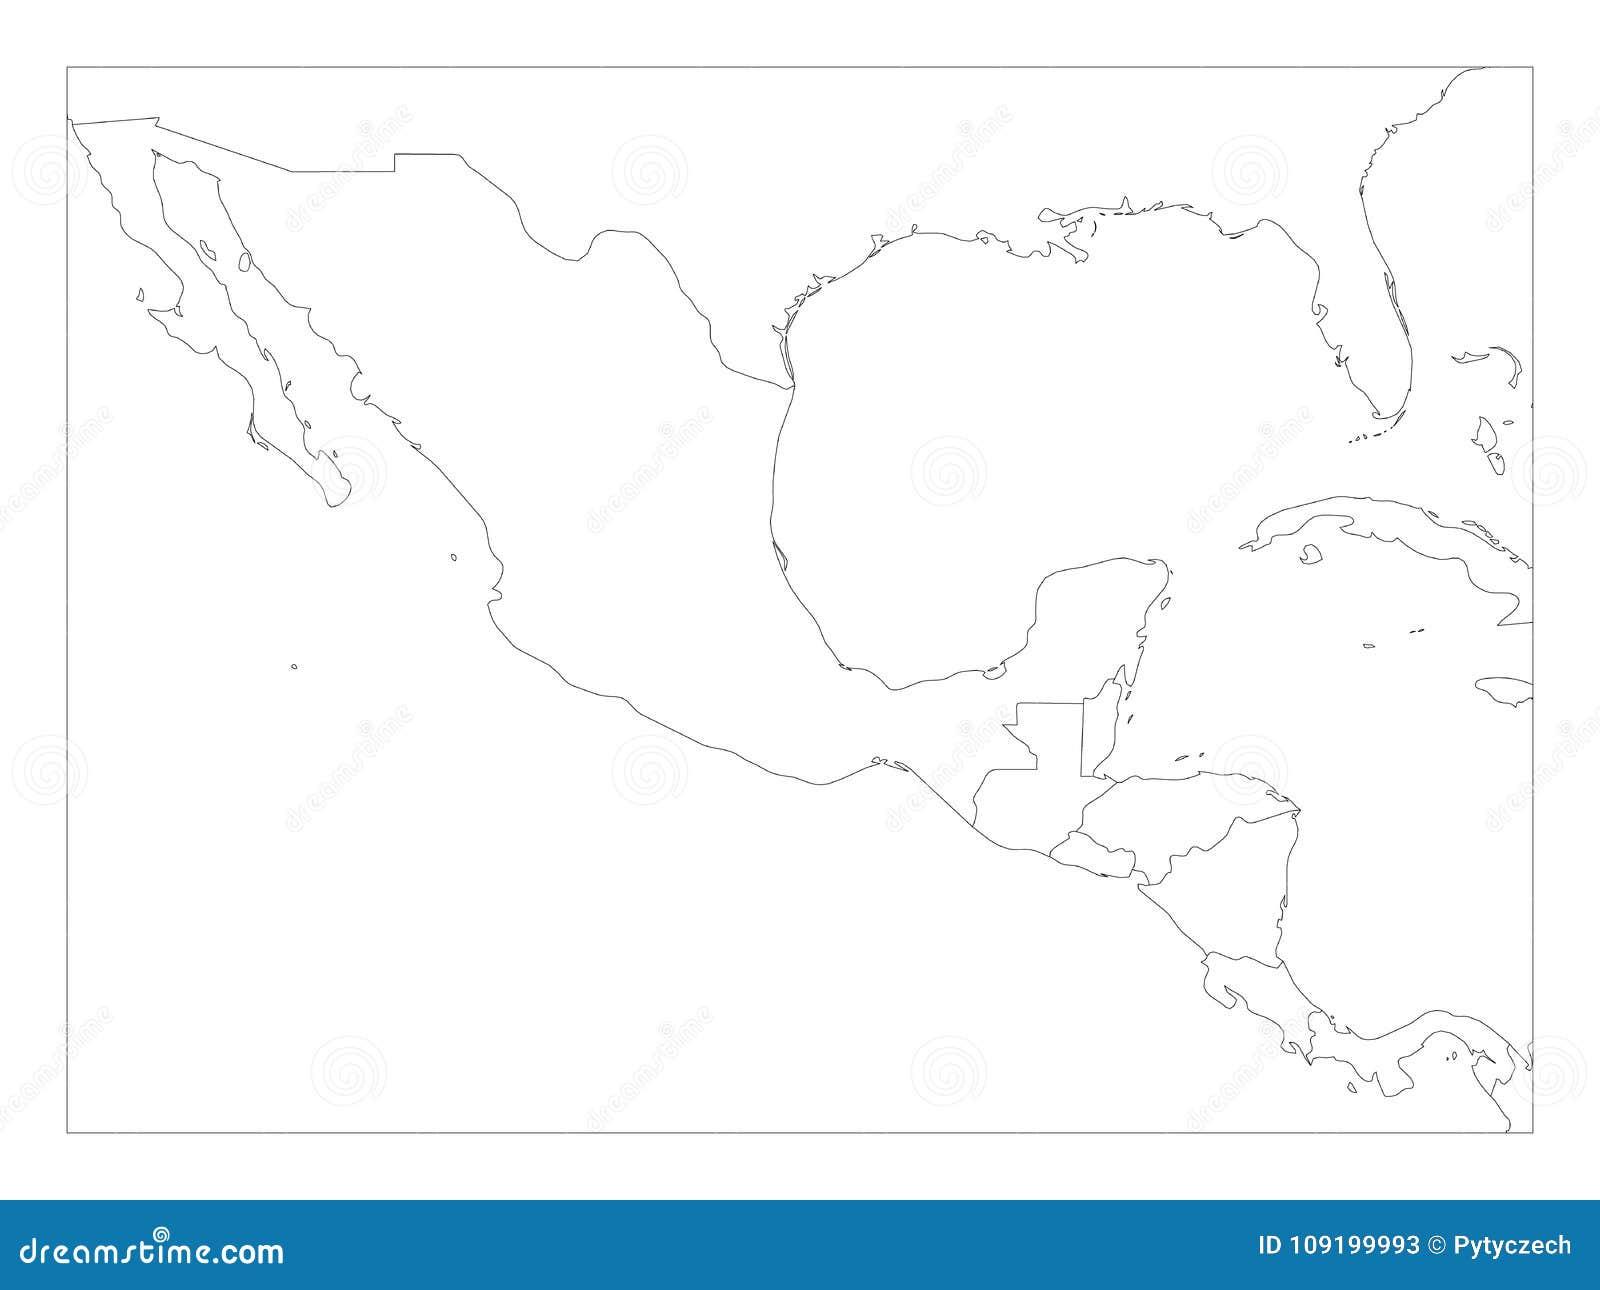 Lege politieke kaart van Midden-Amerika en Mexico Eenvoudige dunne zwarte overzichts vectorillustratie